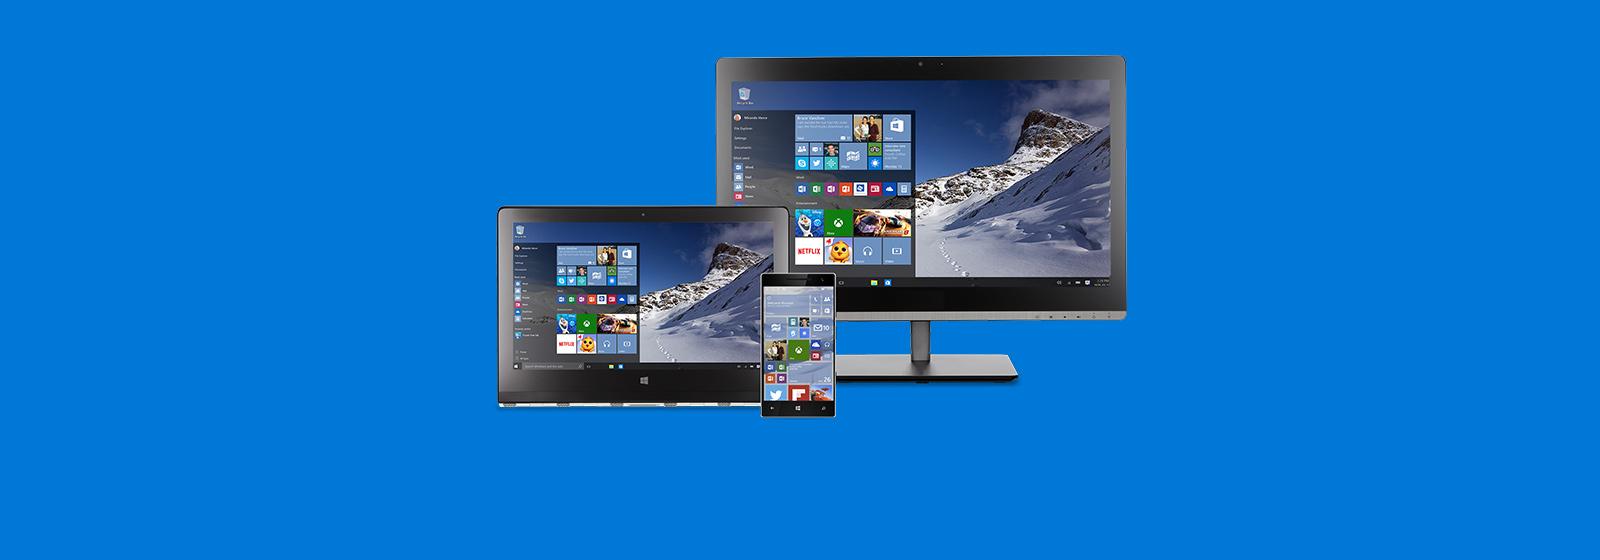 Llega Windows 10. Más información.